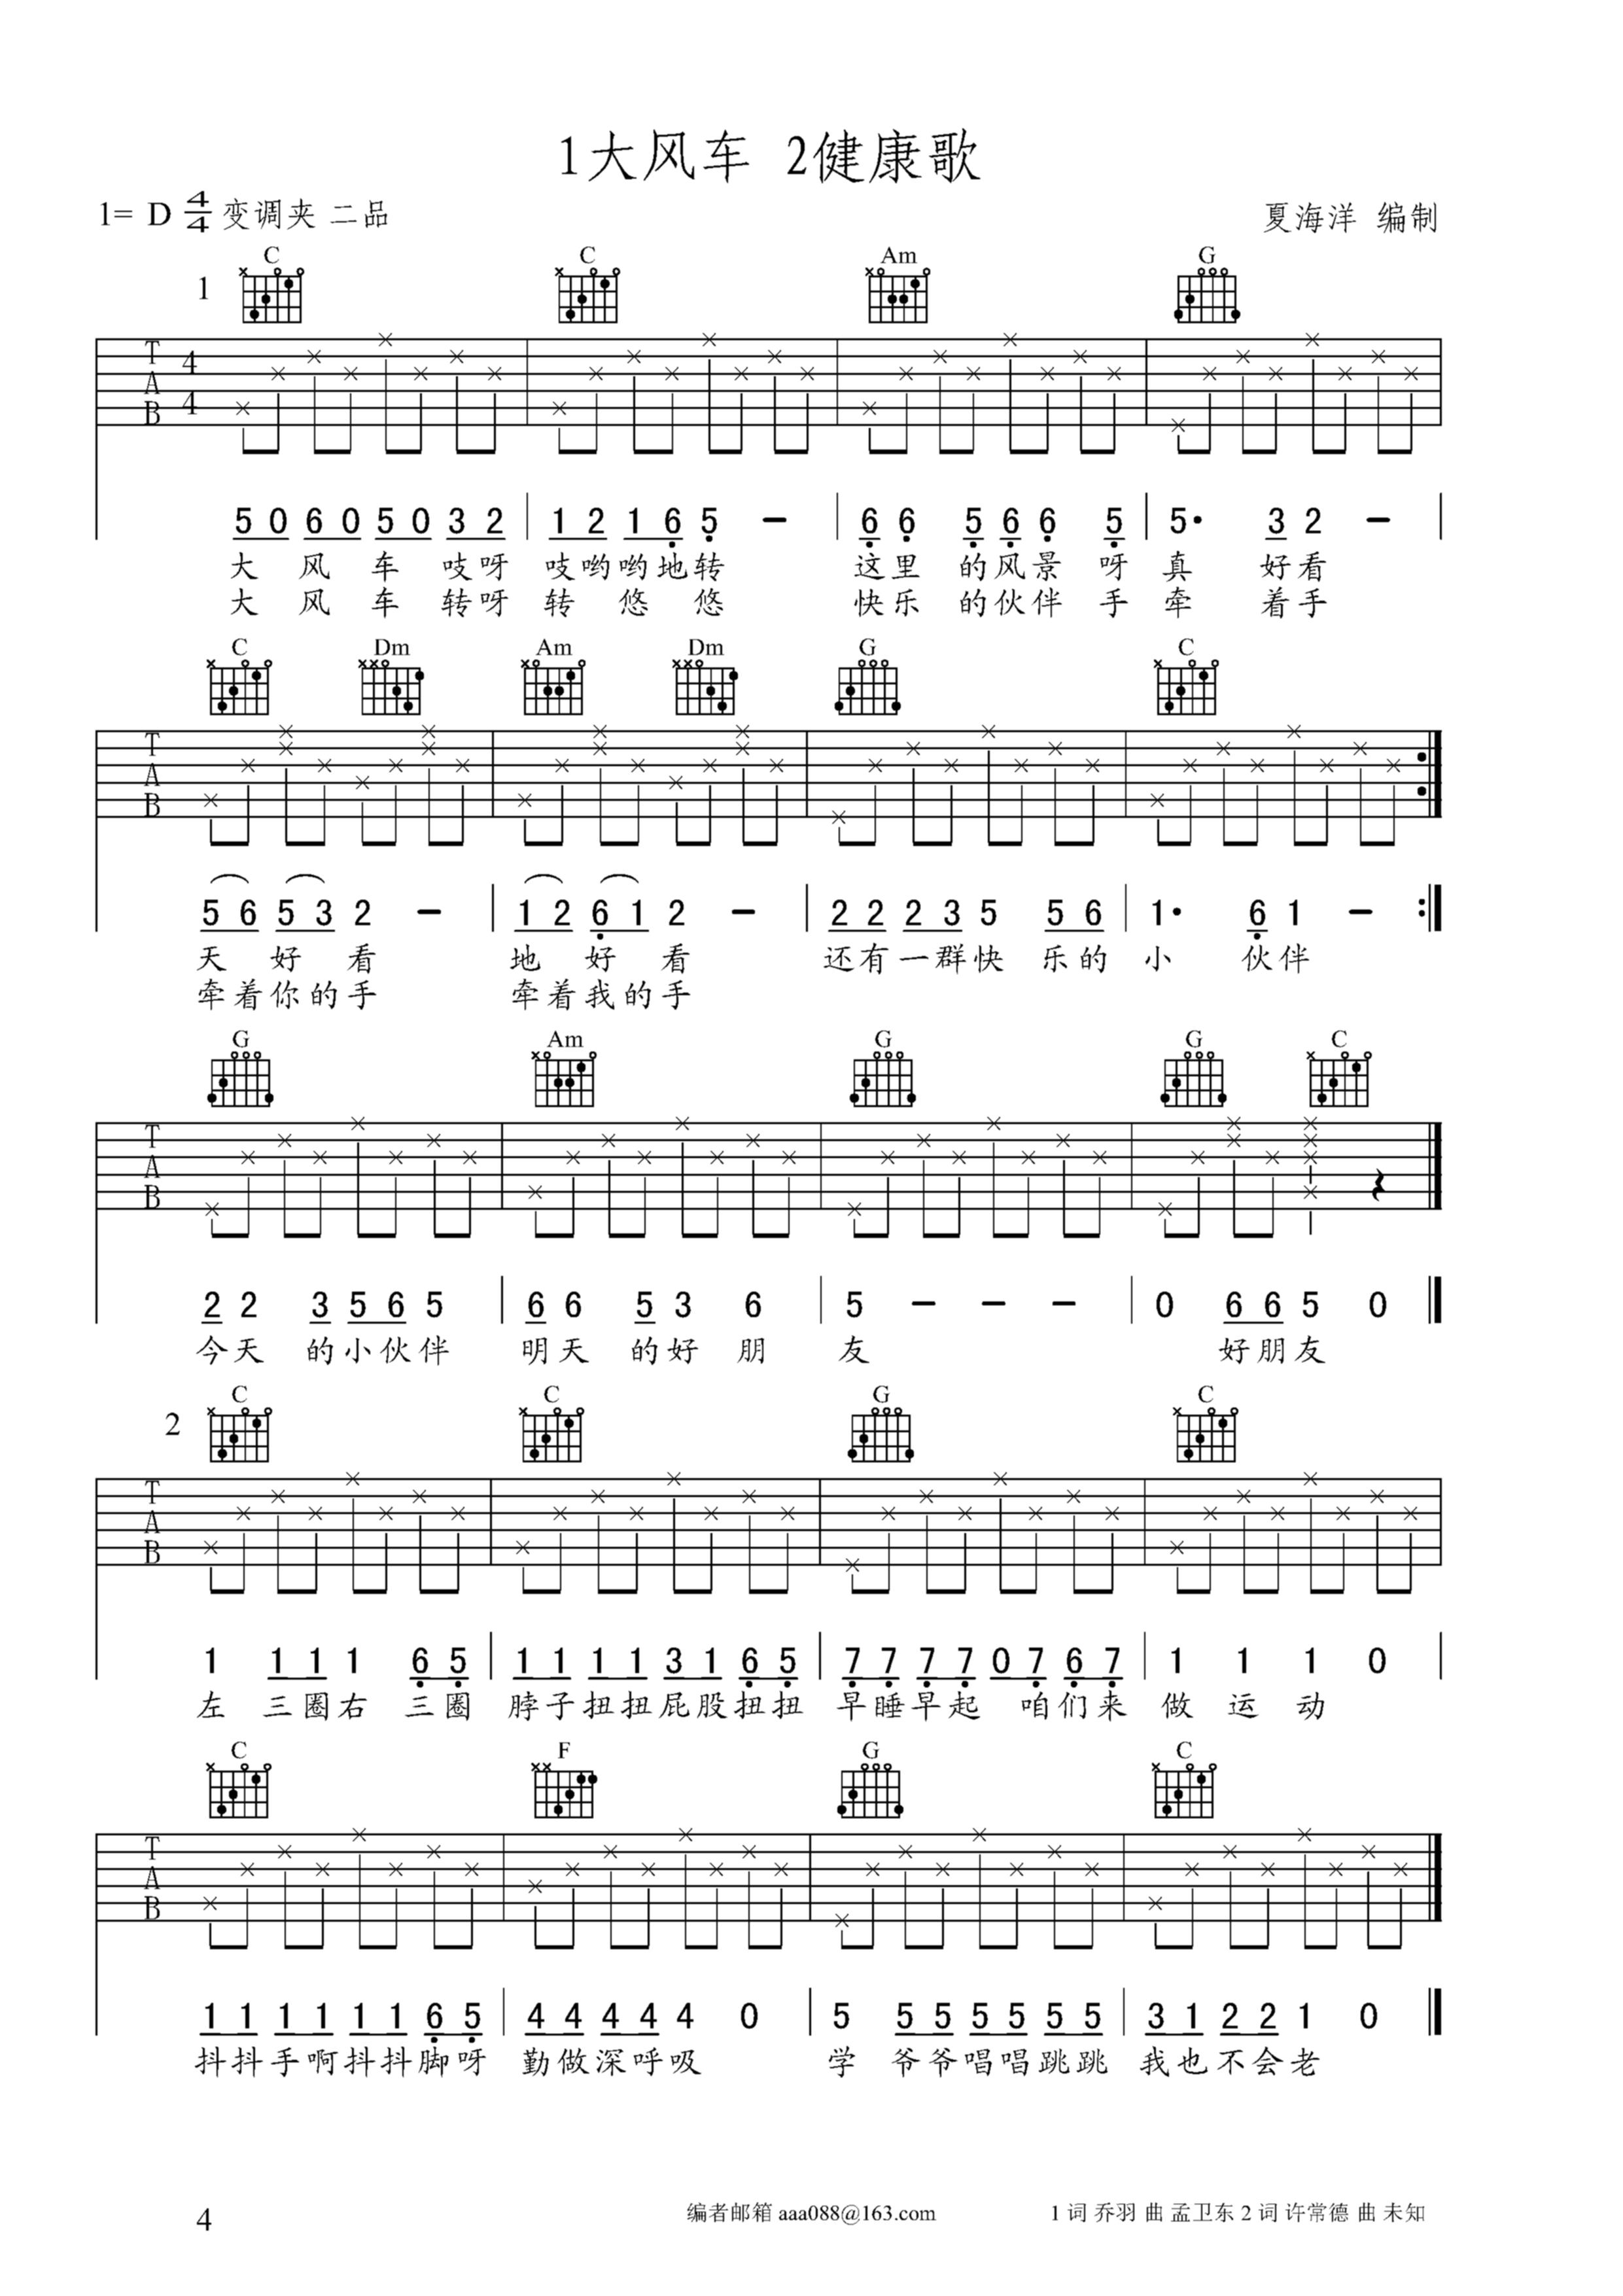 《大风车 健康歌 吉他海洋编配》吉他谱图片